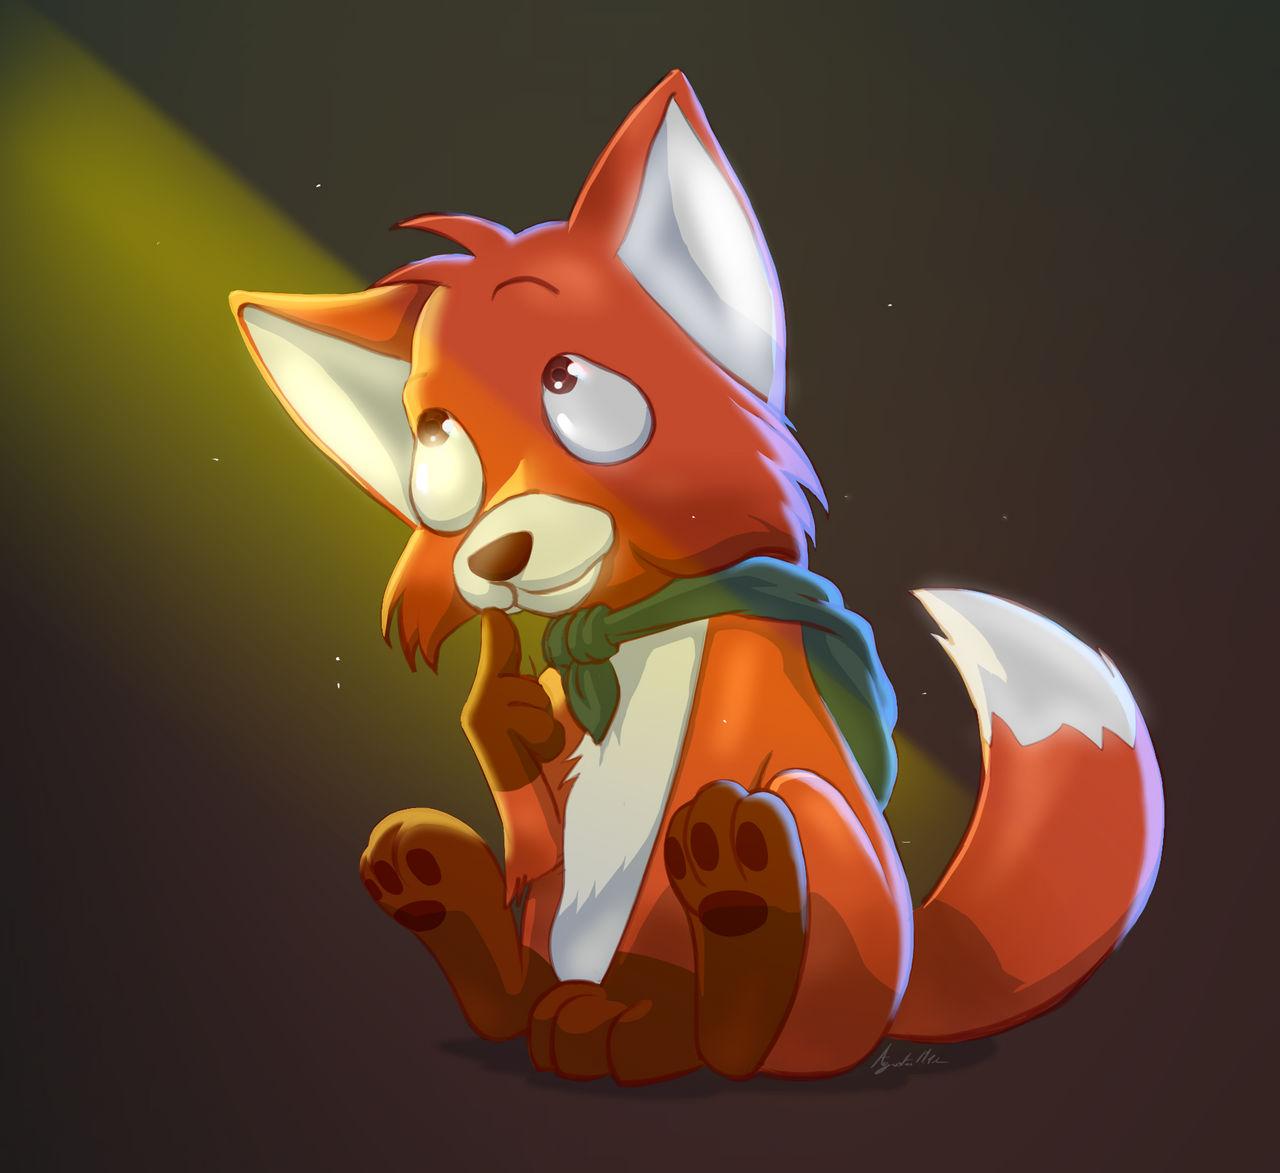 Fox by Torbak